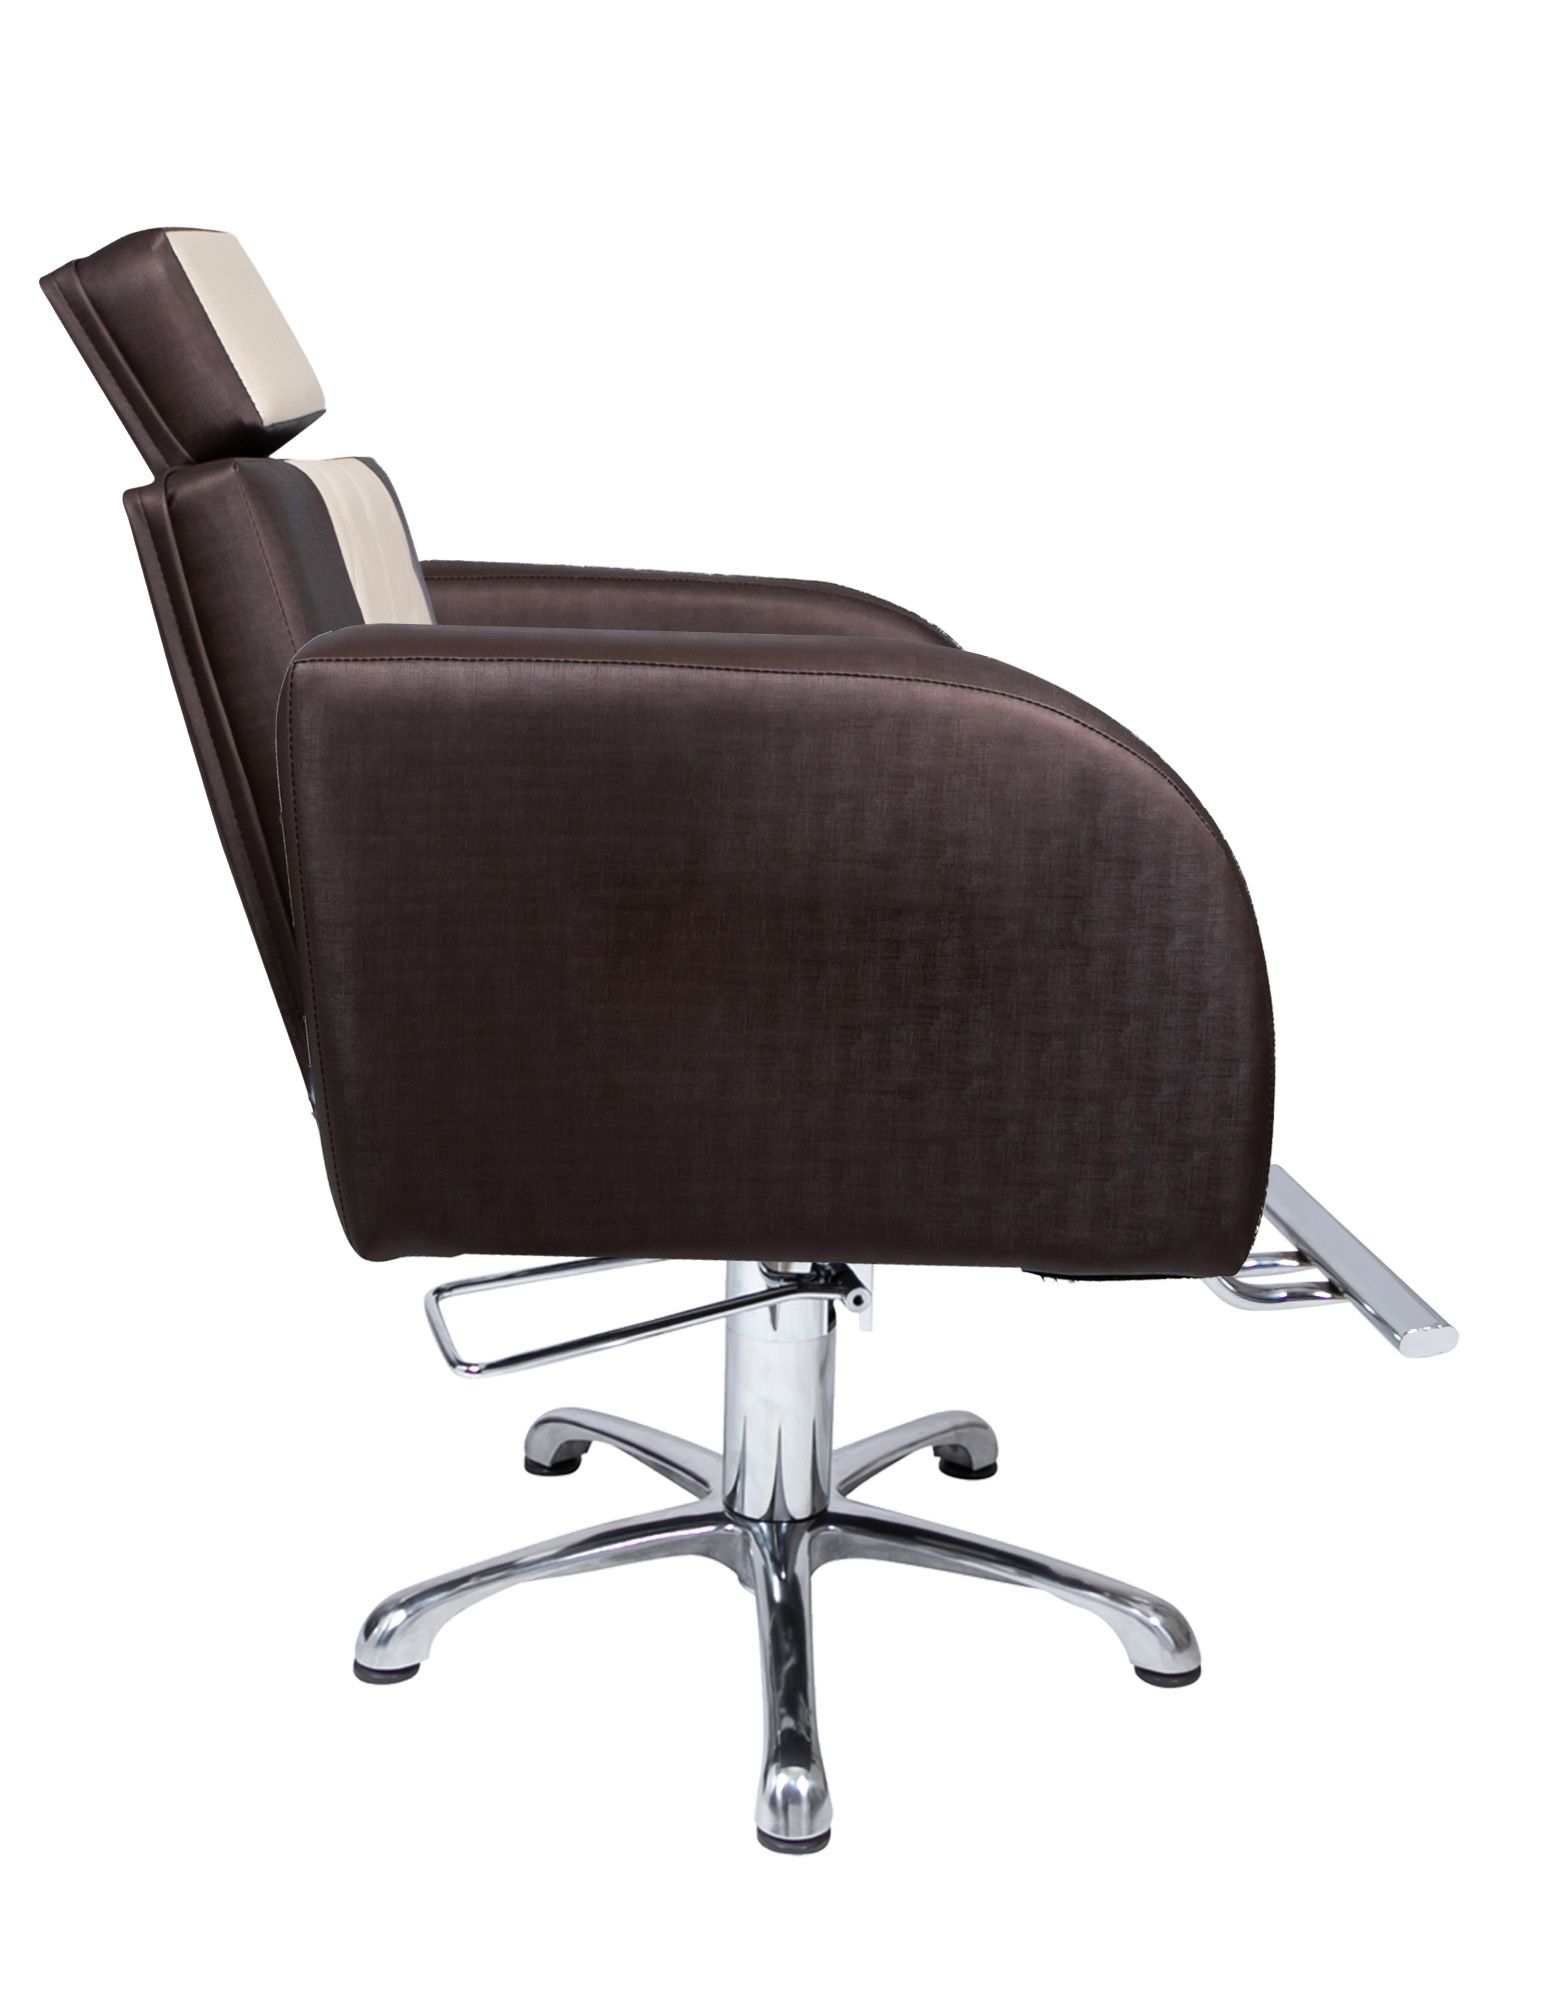 Lavatório Stilo Marrom/Bco - Cuba de FIBRA Preta + Cadeira Stilo Fixa